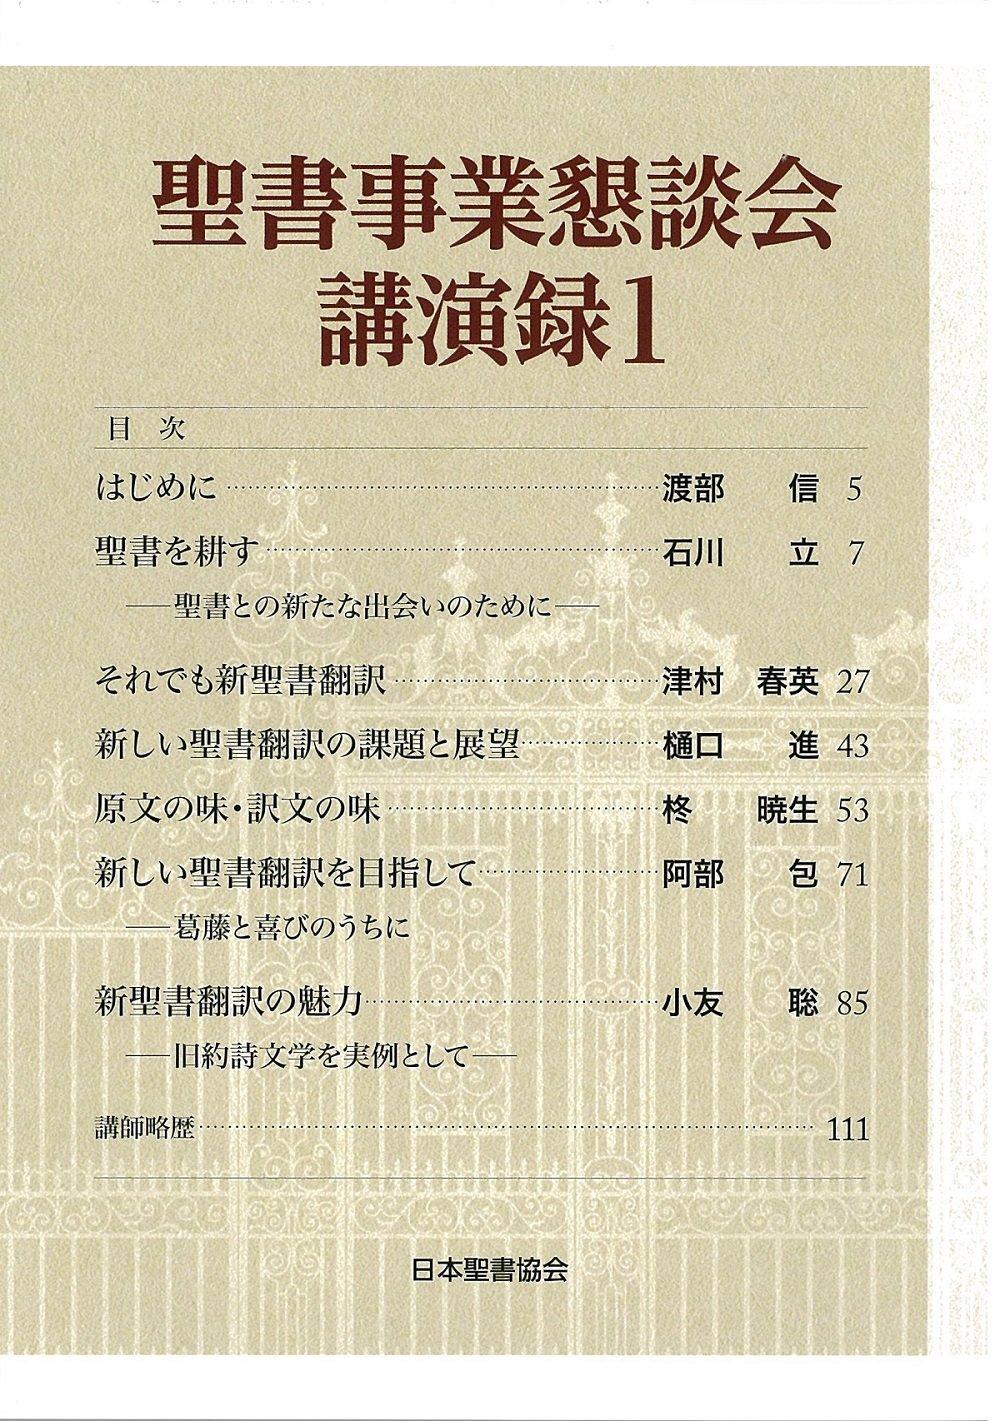 聖書事業懇談会講演録1 | 日本聖...